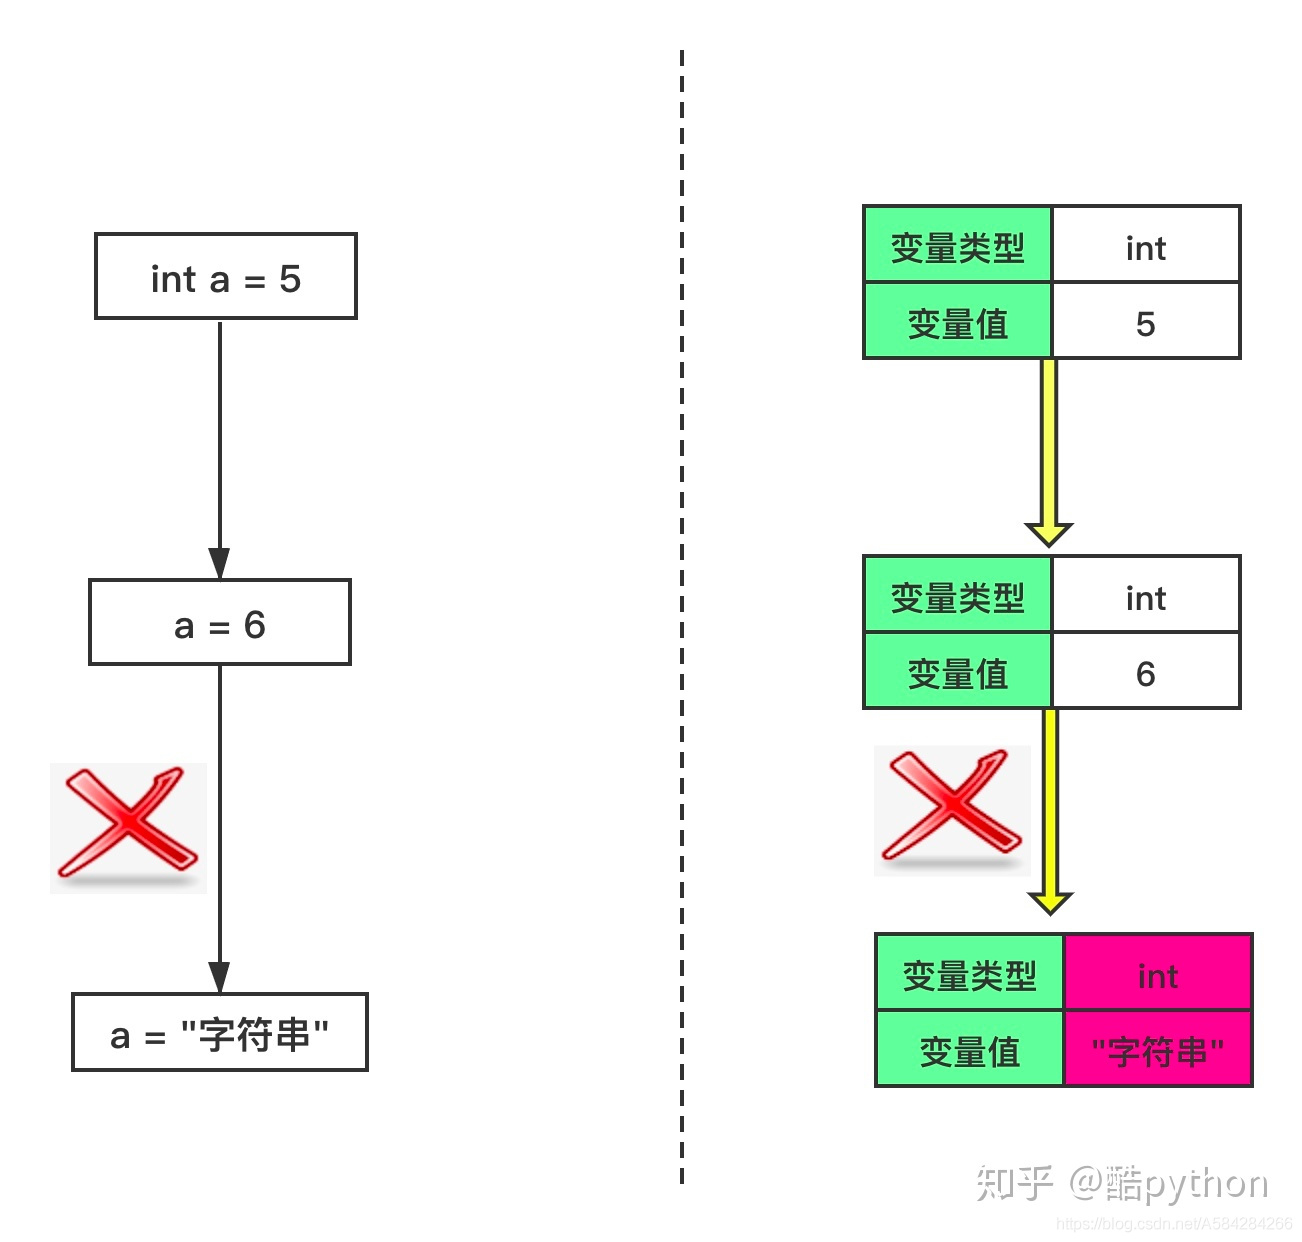 原图出自https://zhuanlan.zhihu.com/p/109803872